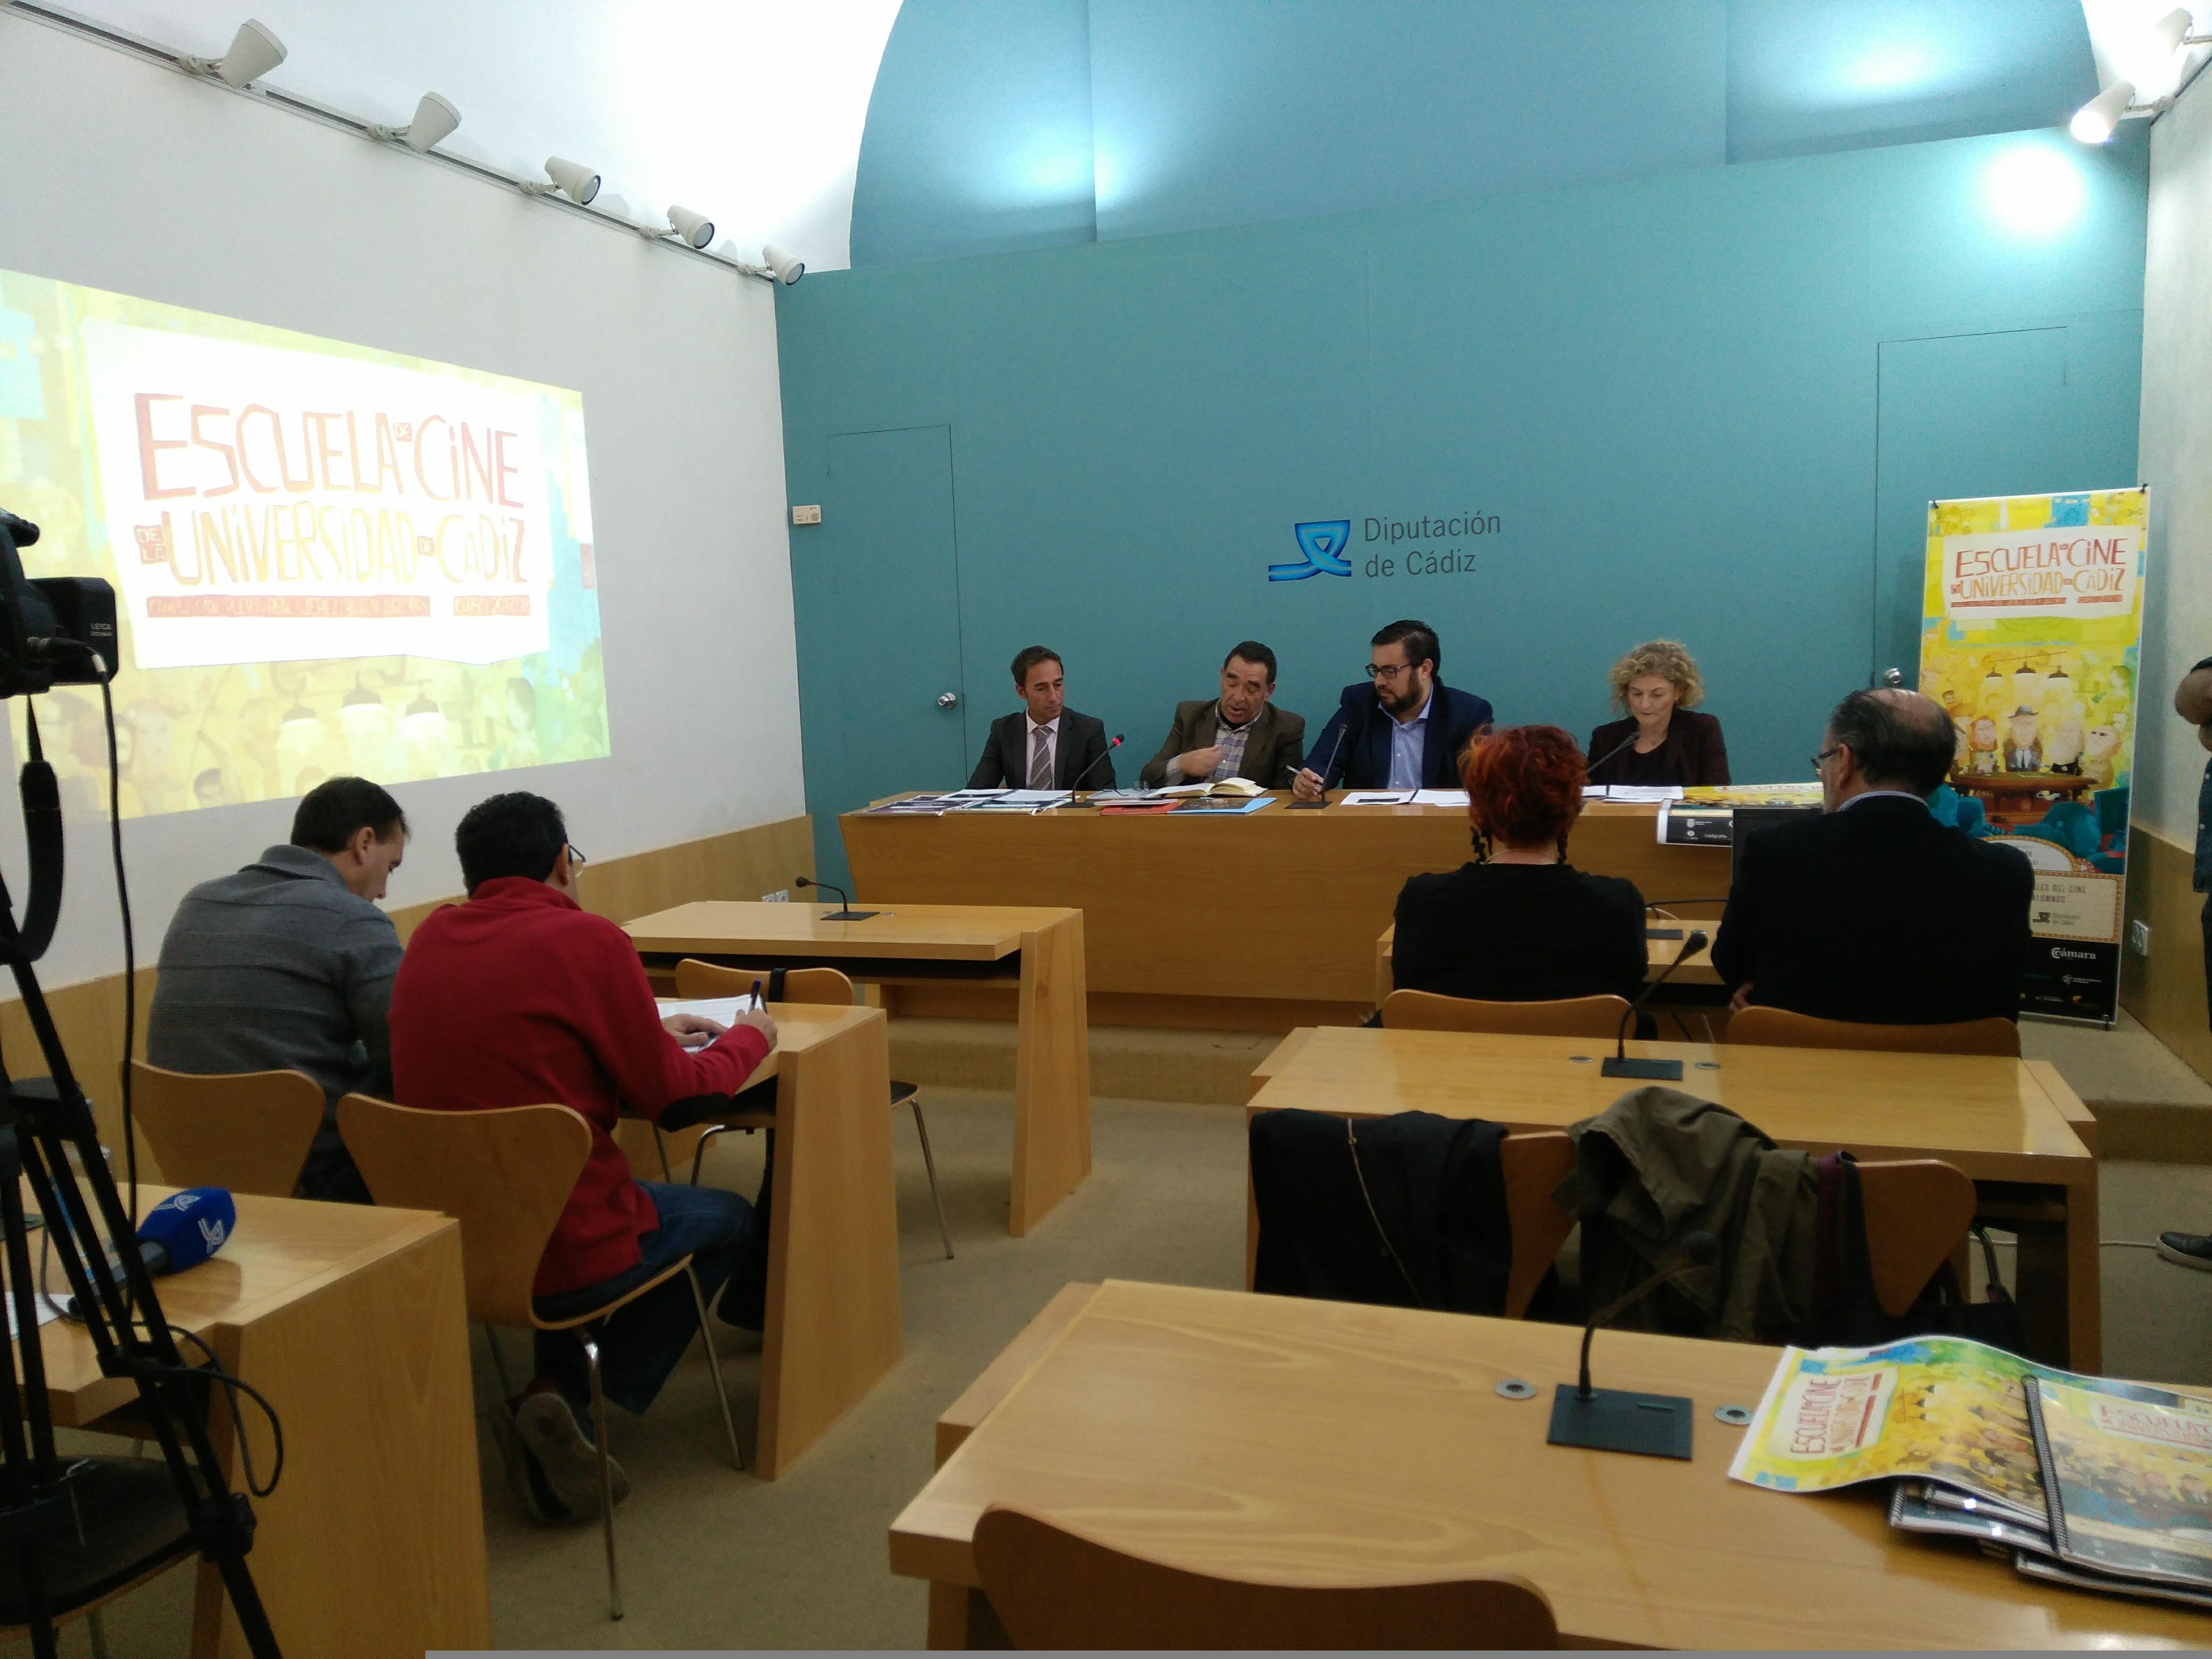 Presentación de La Escuela de Cine en Diputación de Cádiz